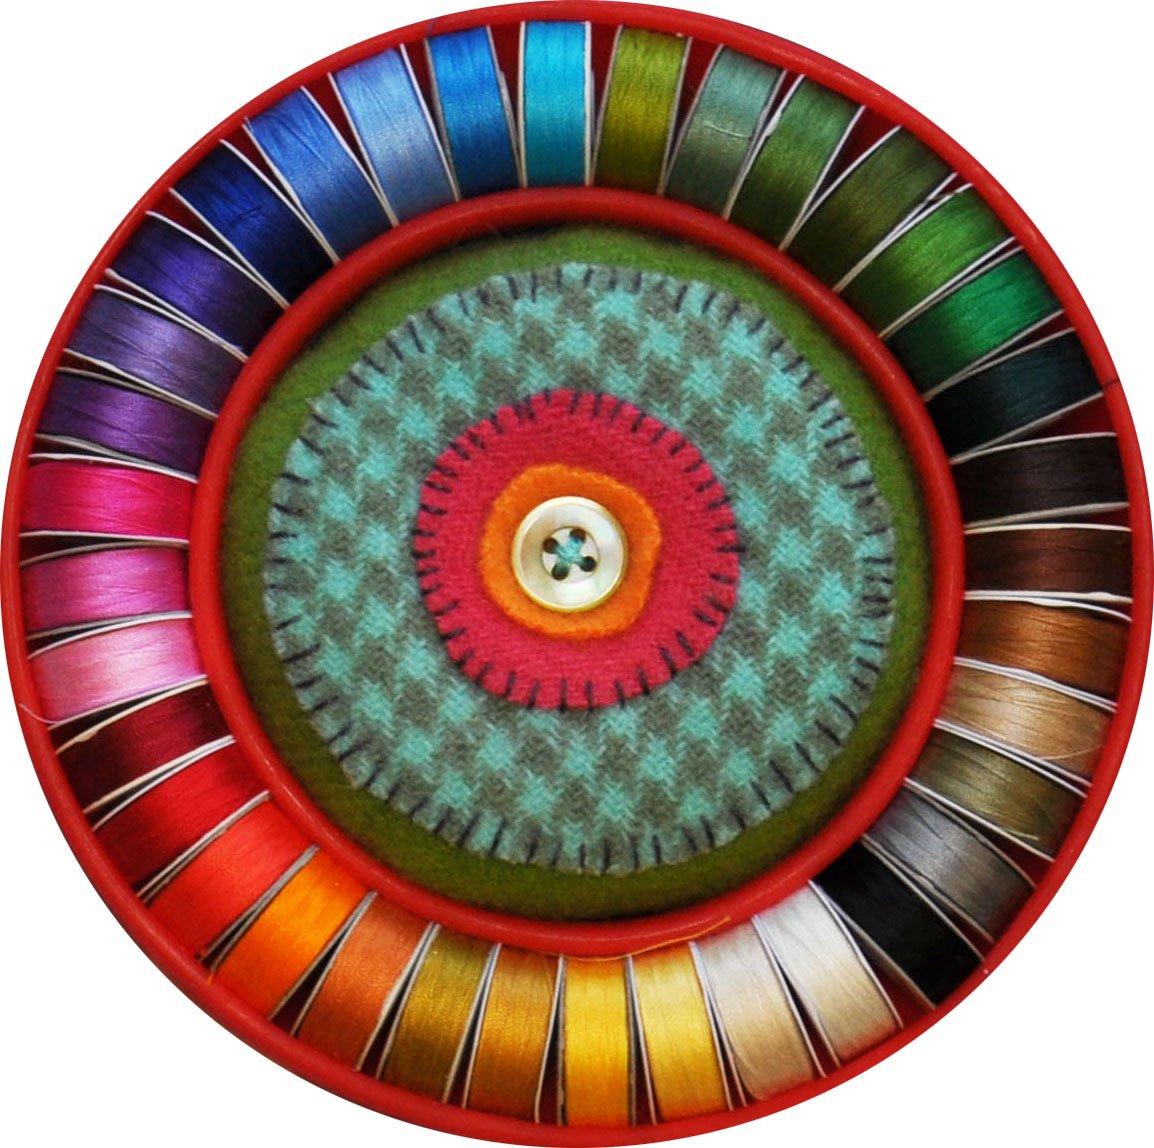 Bagel Pincushion  - A Free Digital Download